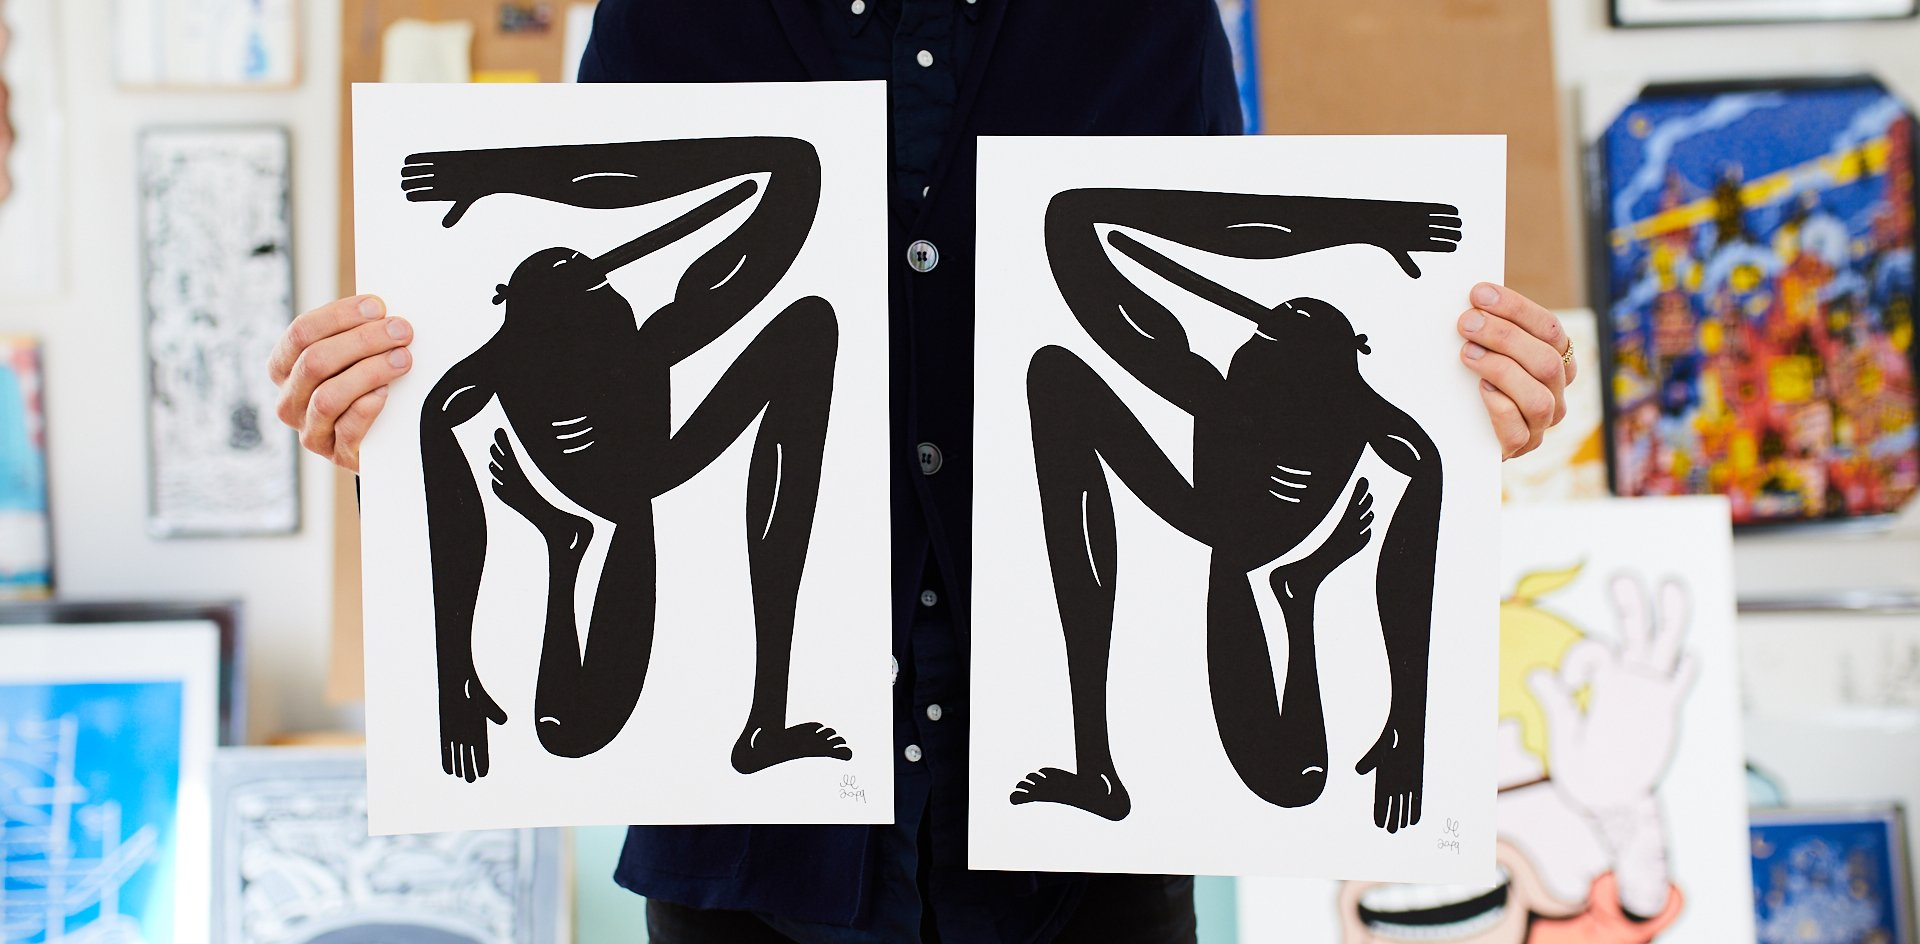 plakater-posters-kunsttryk, giclee-tryk, børnevenlige, figurative, grafiske, illustrative, kroppe, tegneserier, humor, bevægelse, mennesker, sport, blå, blæk, papir, sjove, samtidskunst, interiør, bolig-indretning, moderne, moderne-kunst, nordisk, plakater, tryk, skandinavisk, Køb original kunst og kunstplakater. Malerier, tegninger, limited edition kunsttryk & plakater af dygtige kunstnere.